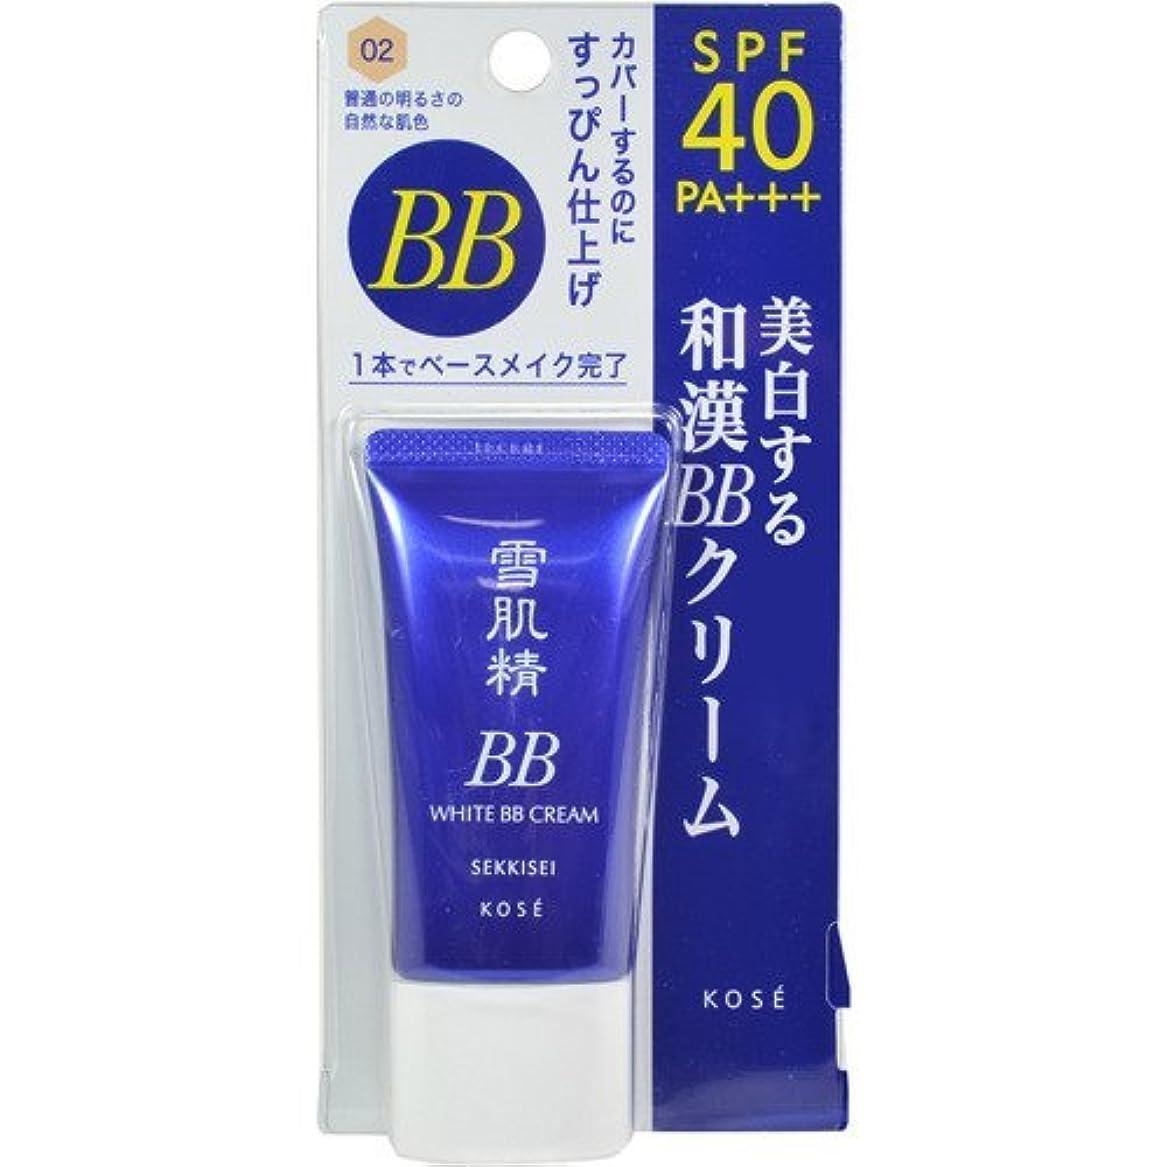 イチゴファイル製造業コーセー 雪肌精 ホワイト BBクリーム 02  30g